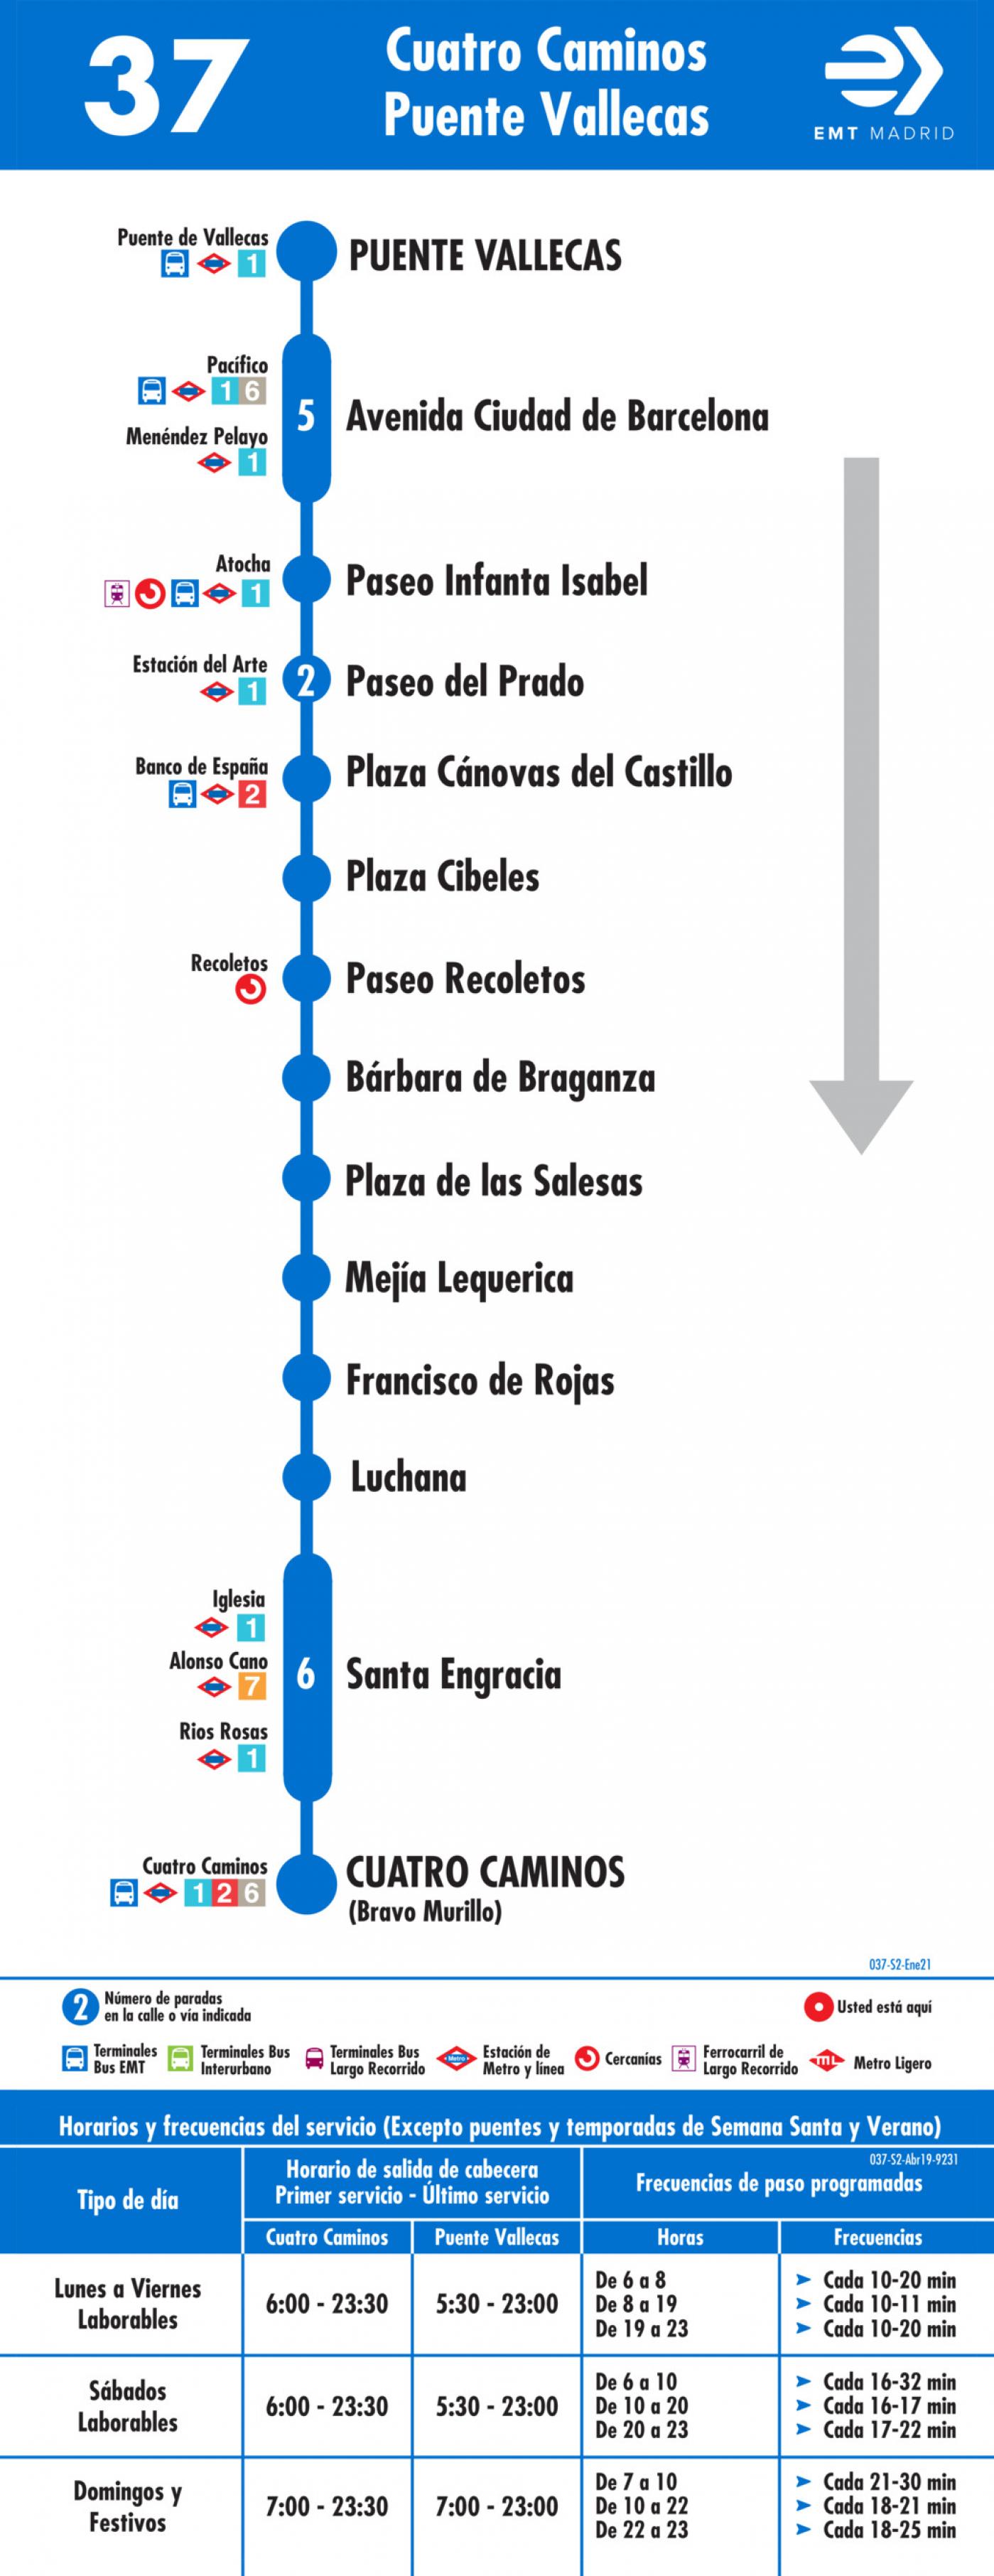 Tabla de horarios y frecuencias de paso en sentido vuelta Línea 37: Glorieta de Cuatro Caminos - Puente de Vallecas